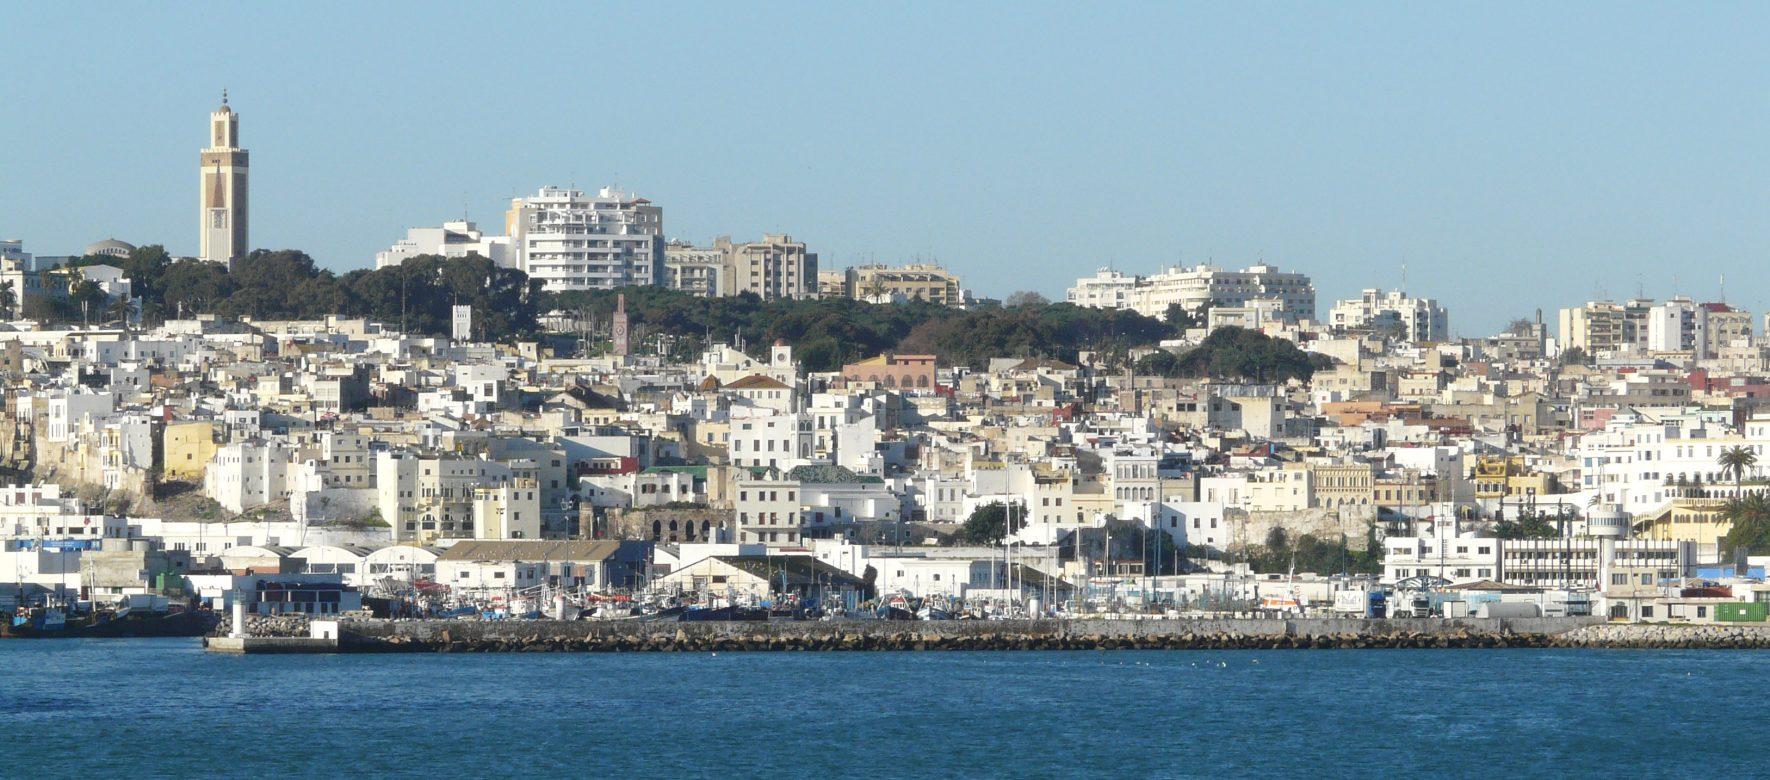 Les échanges commerciaux entre le Maroc et la CEDEAO appelés à croître